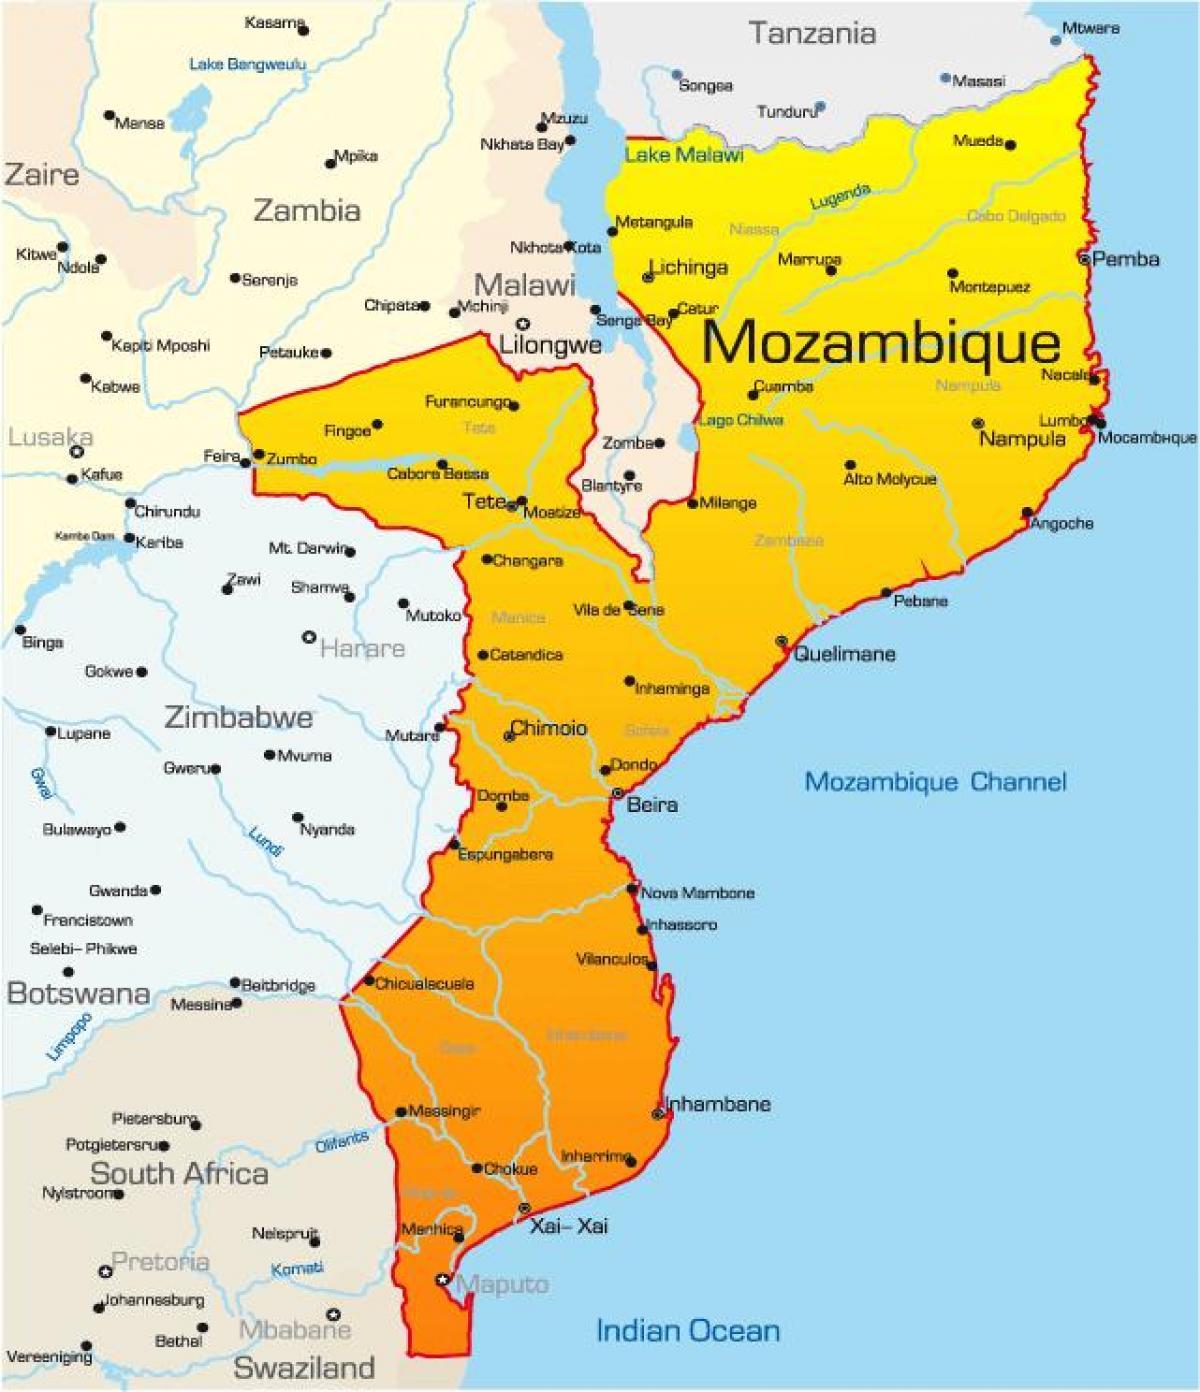 Mozambique Kort Kort Over Mozambique Ostlige Afrika Afrika